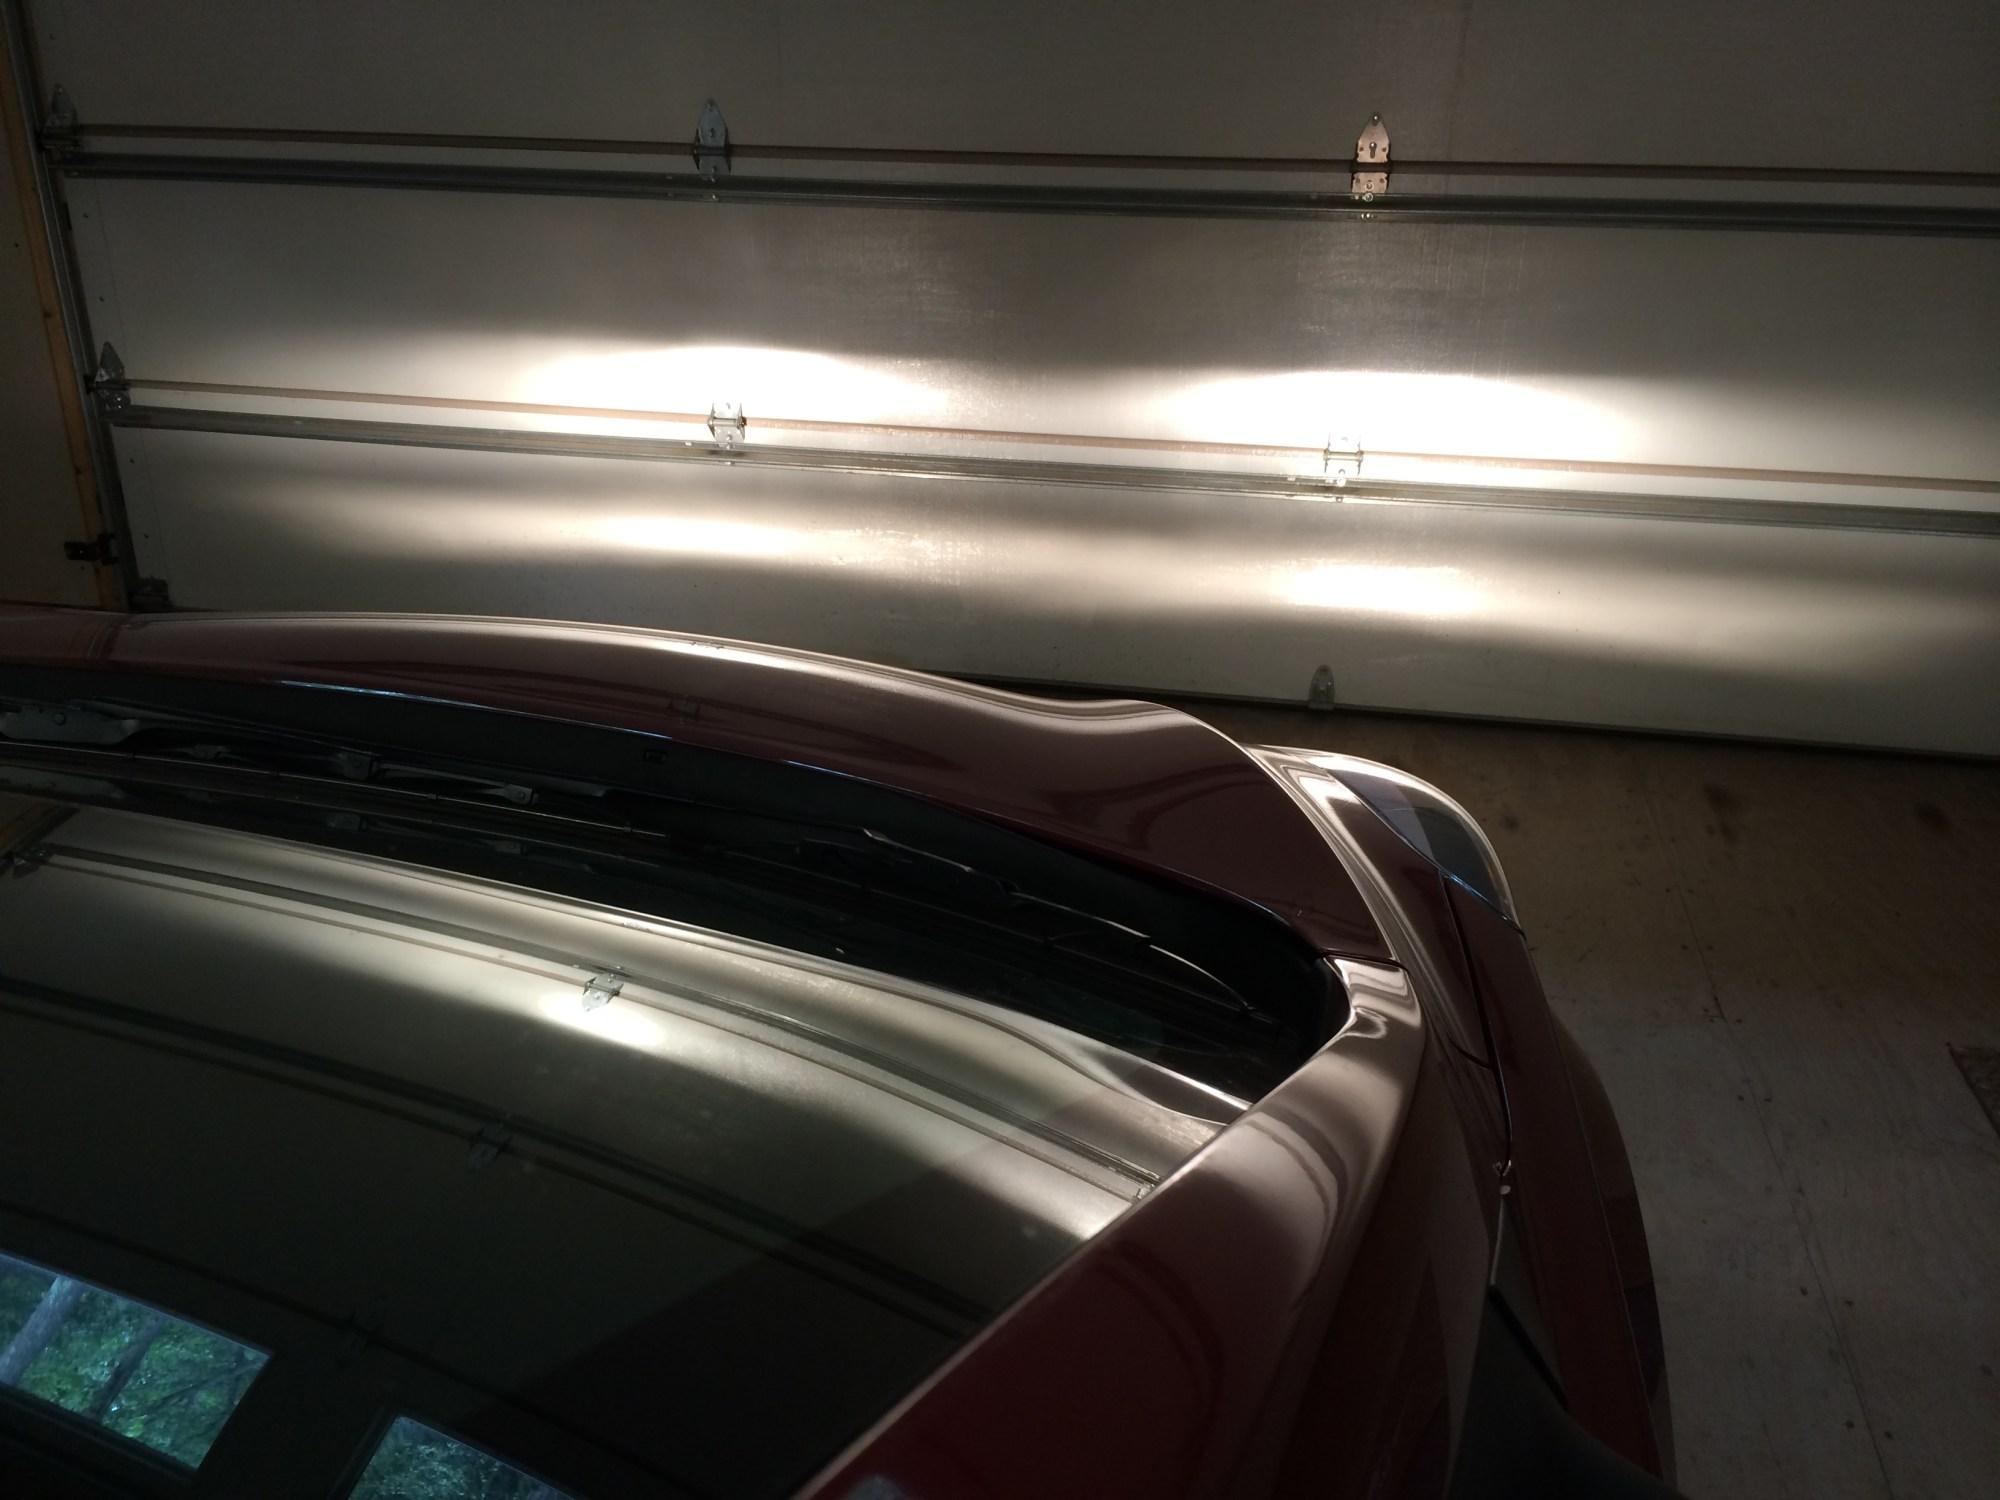 hight resolution of blossom installations hyundai factory fog light install with factory fog light install with custom auto light control wire harness